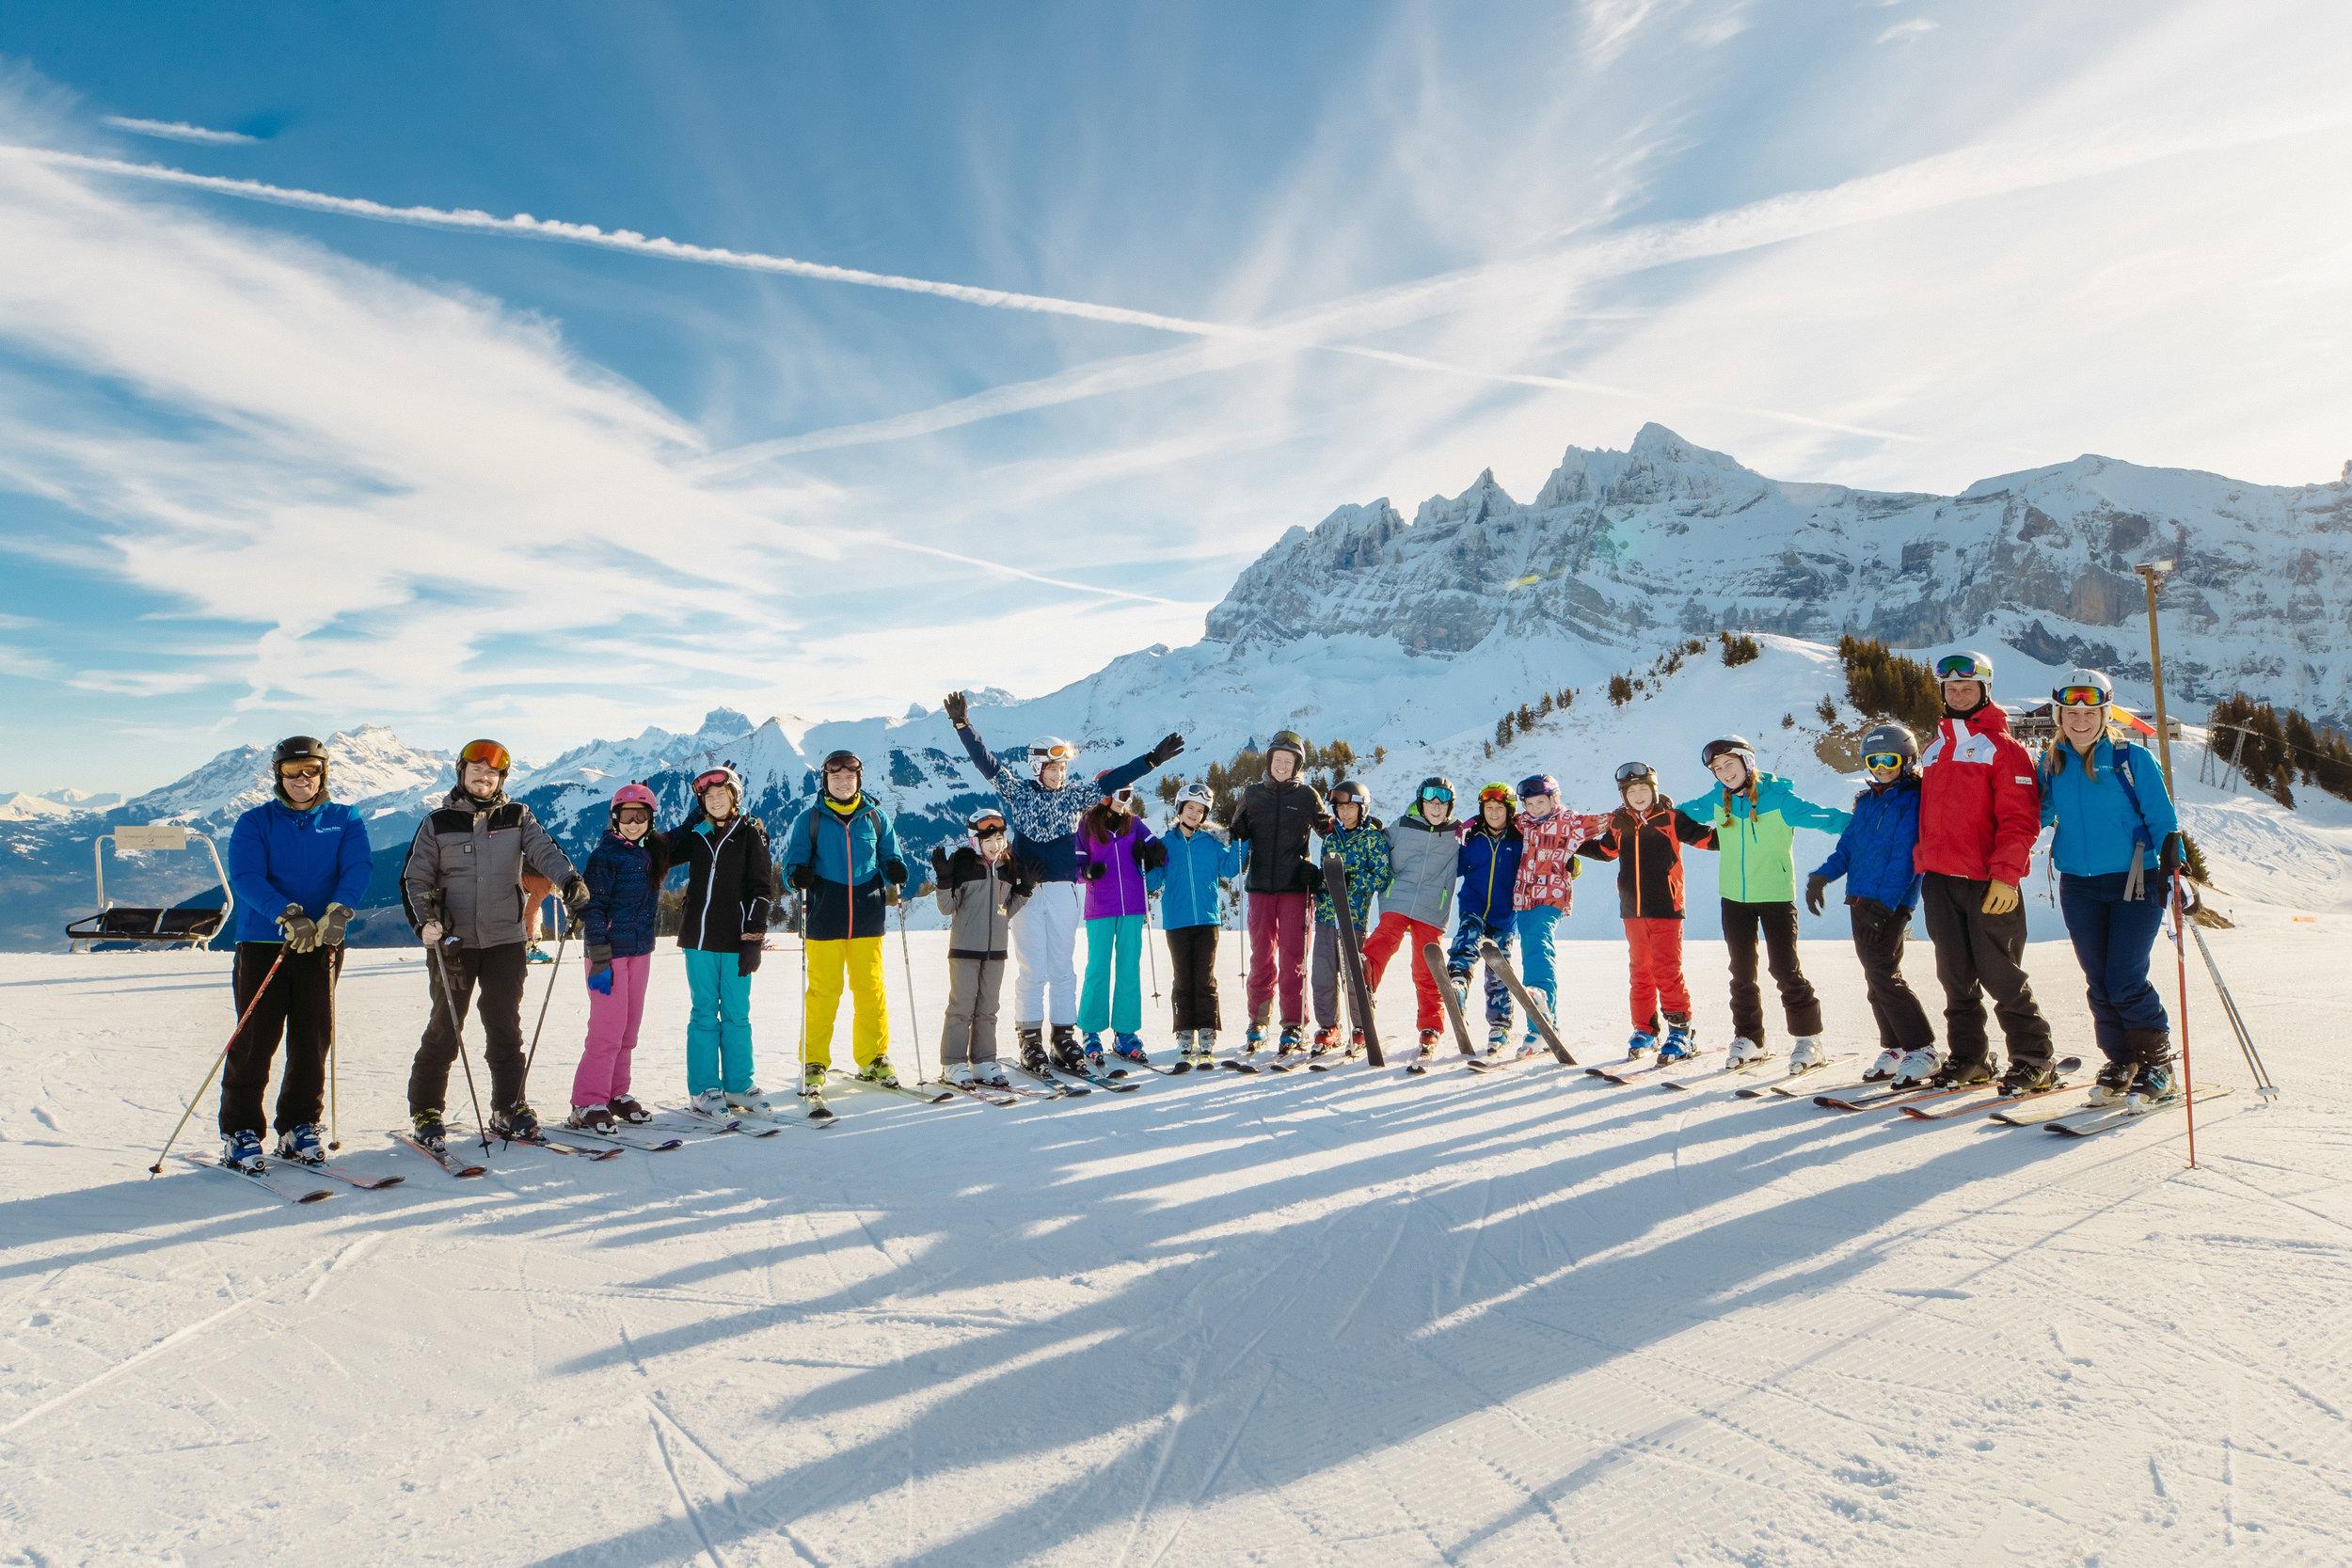 camp-suisse-ski-2500-6.jpg